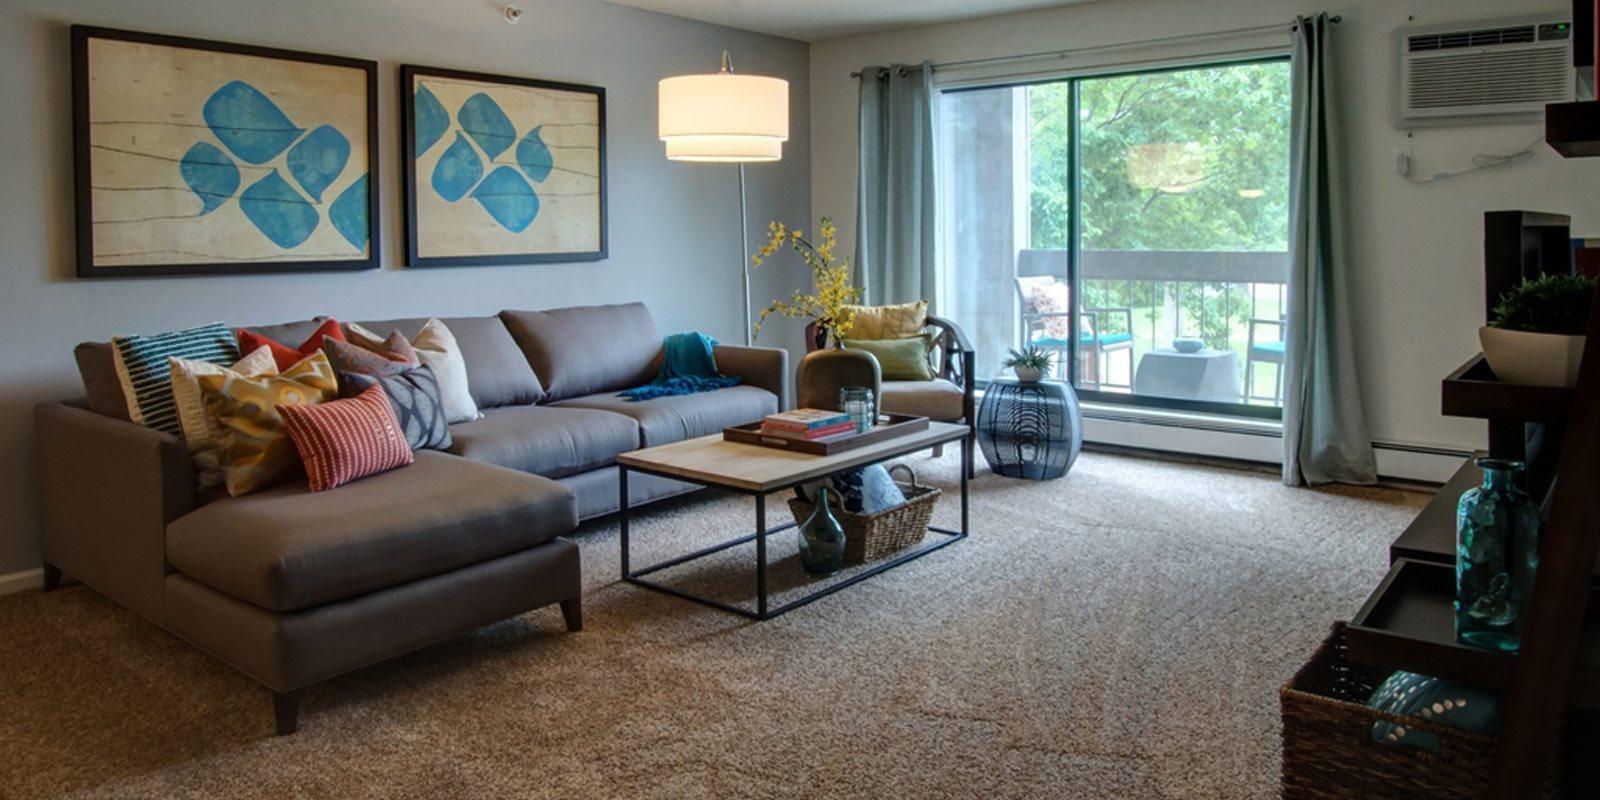 Luxury Apartments Minnetonka Mn